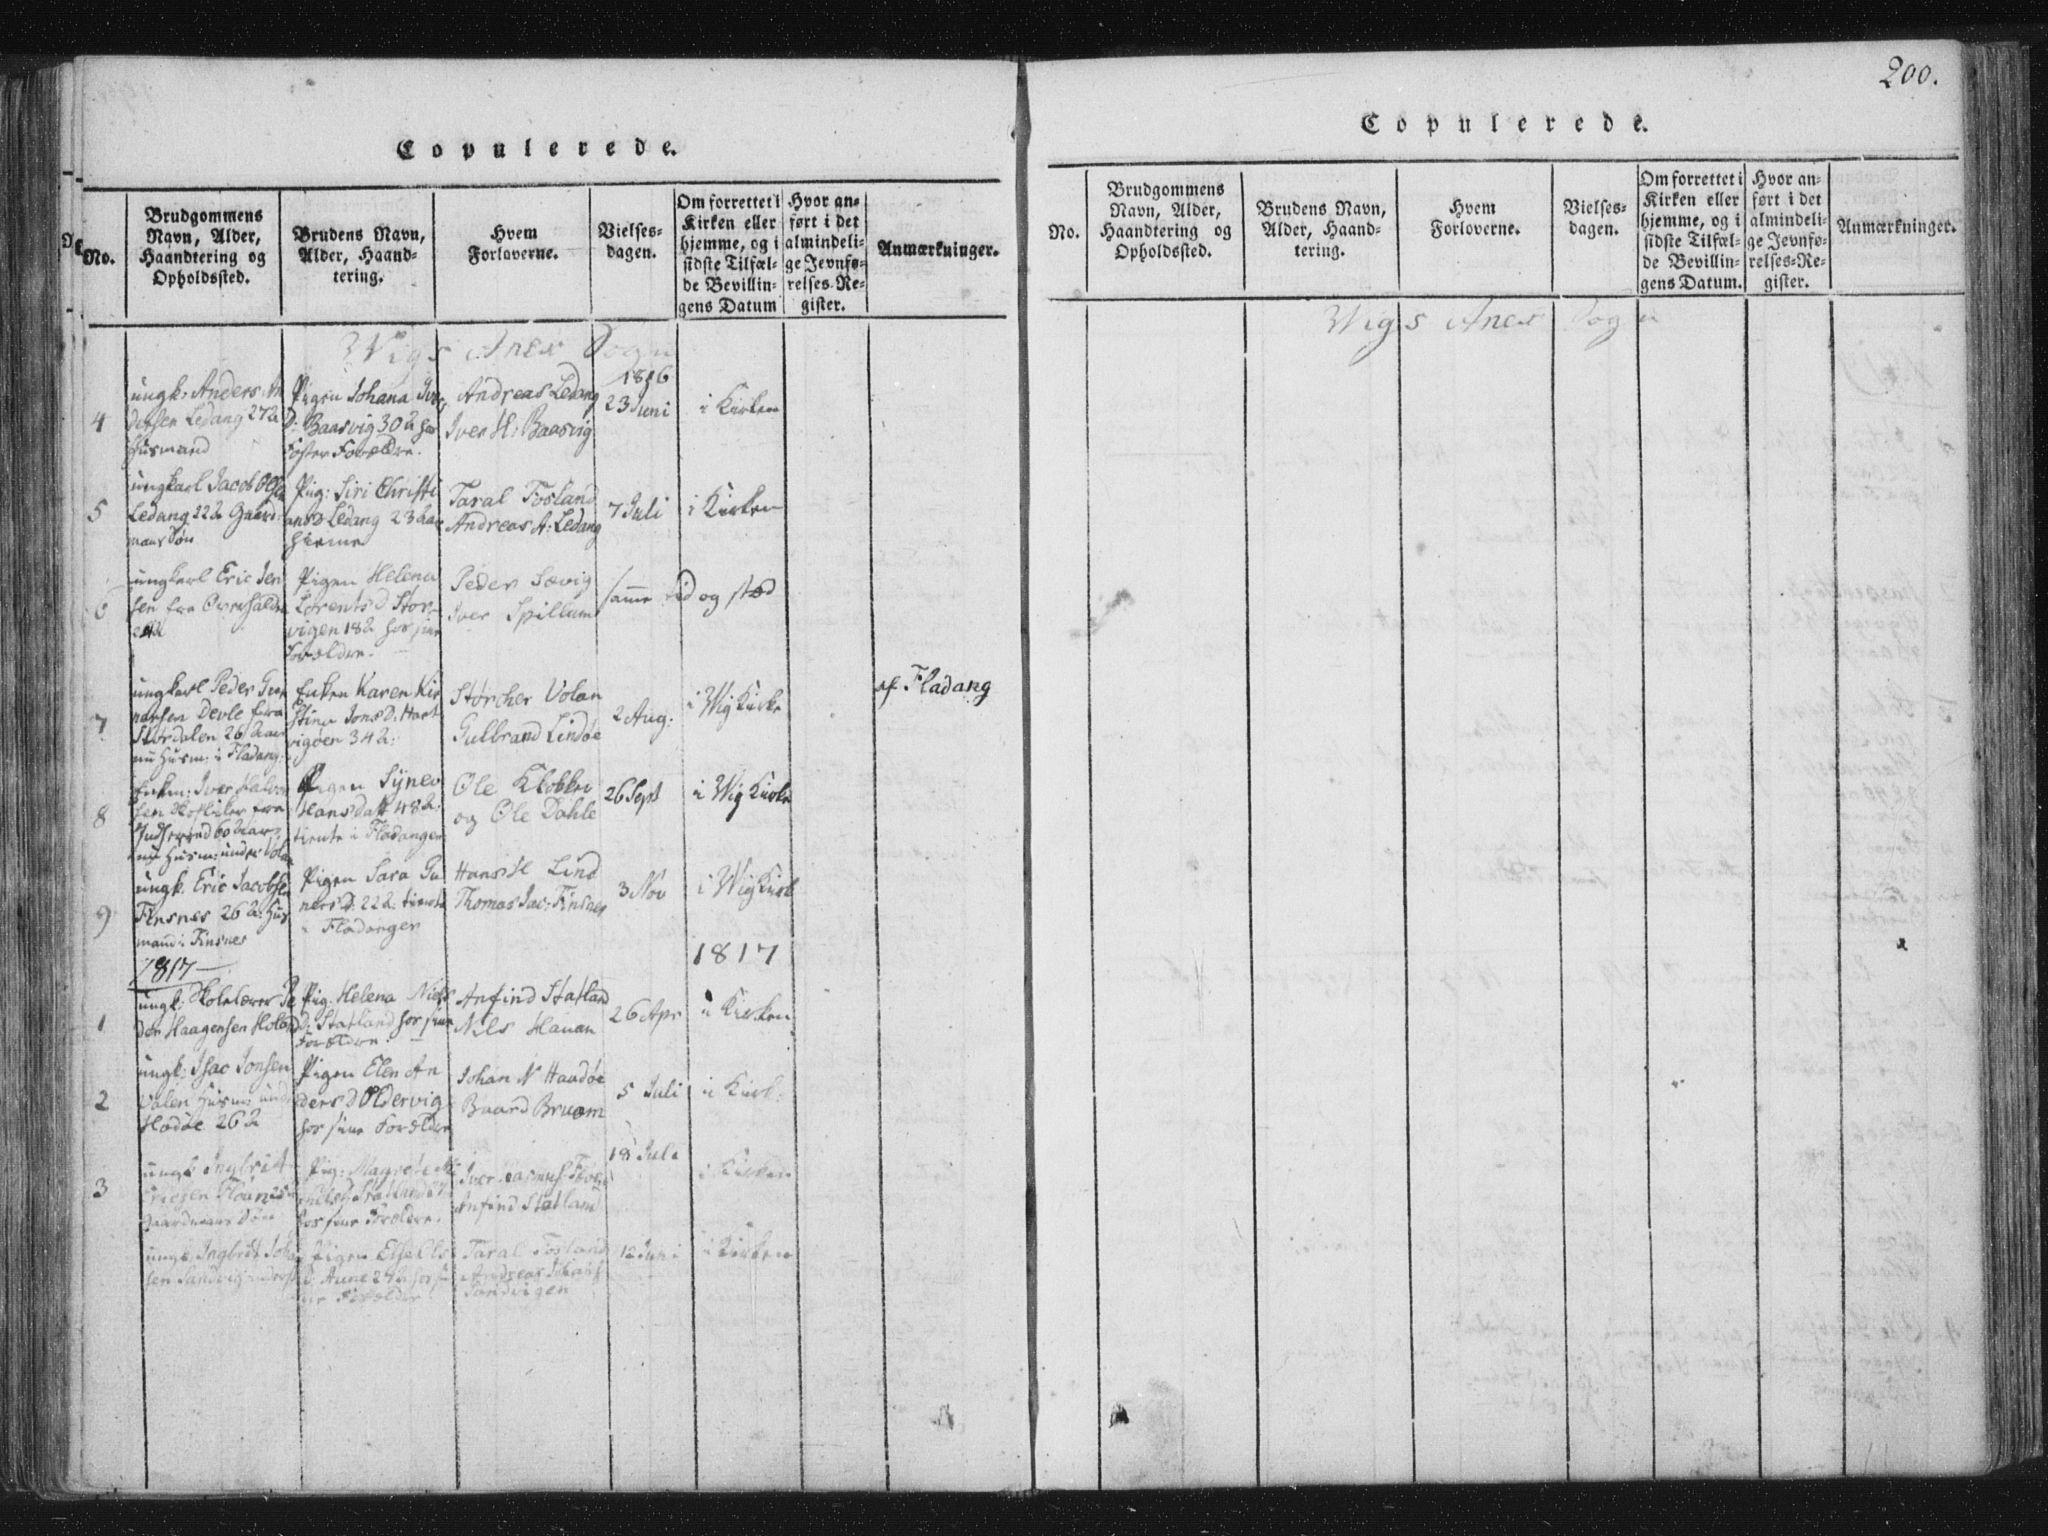 SAT, Ministerialprotokoller, klokkerbøker og fødselsregistre - Nord-Trøndelag, 773/L0609: Ministerialbok nr. 773A03 /2, 1815-1830, s. 200